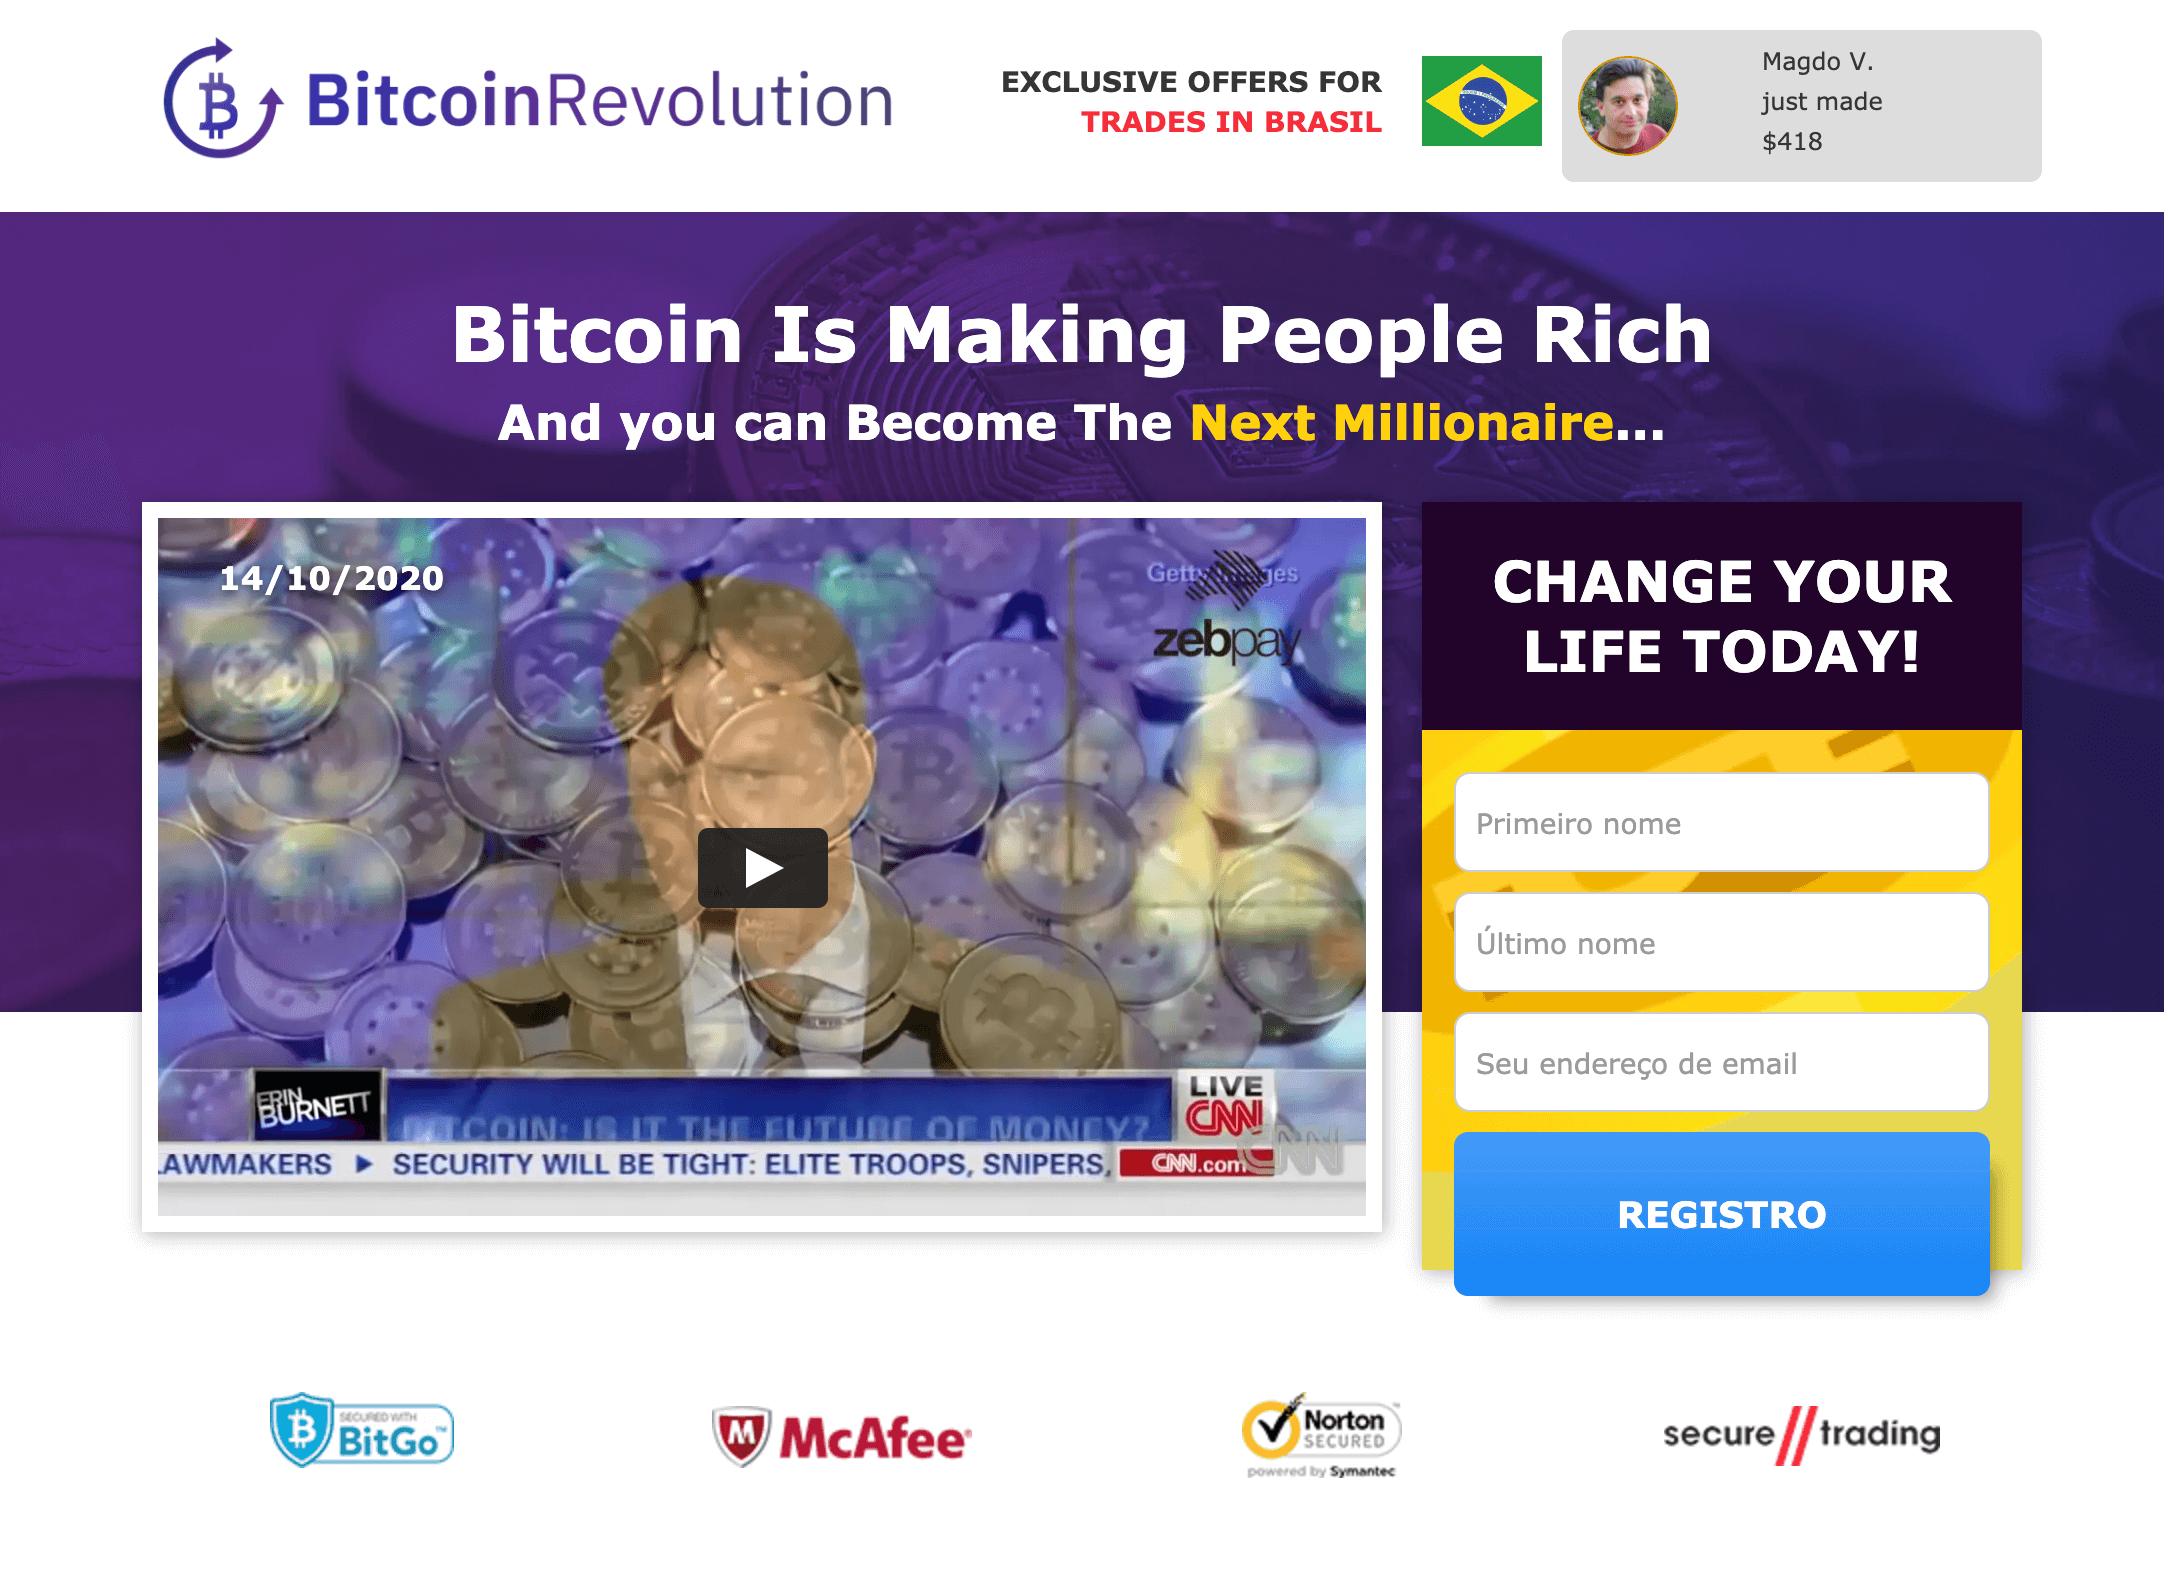 quanto você pode fazer dia de negociação bitcoin